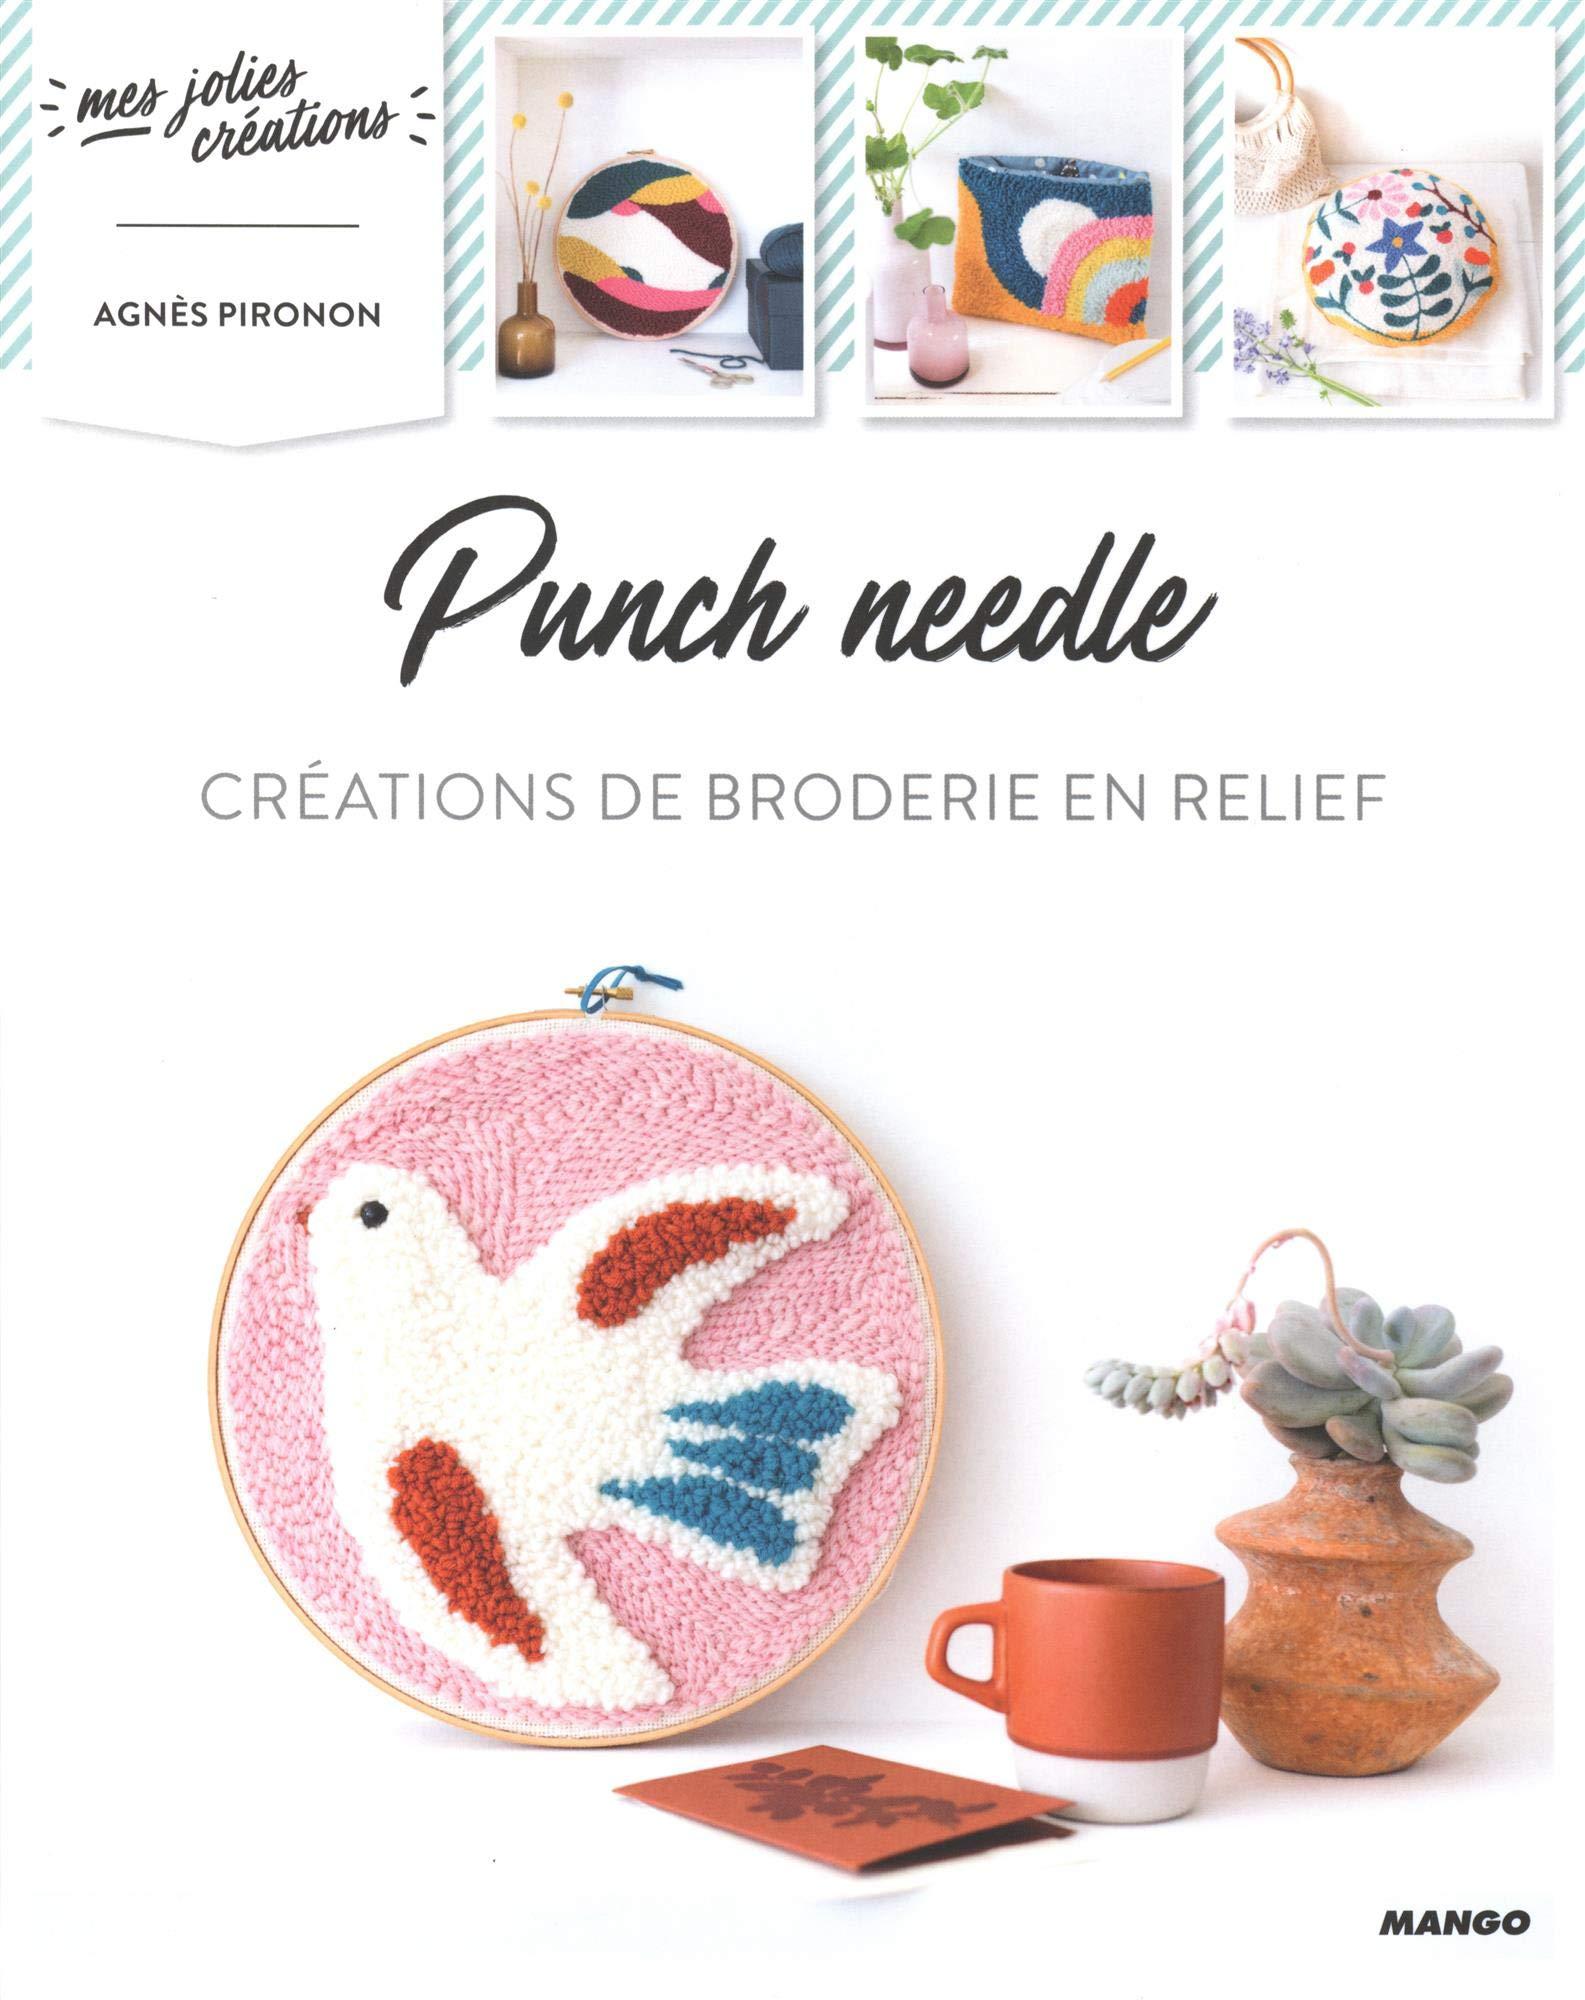 Livre punch needle chaumière oiseau